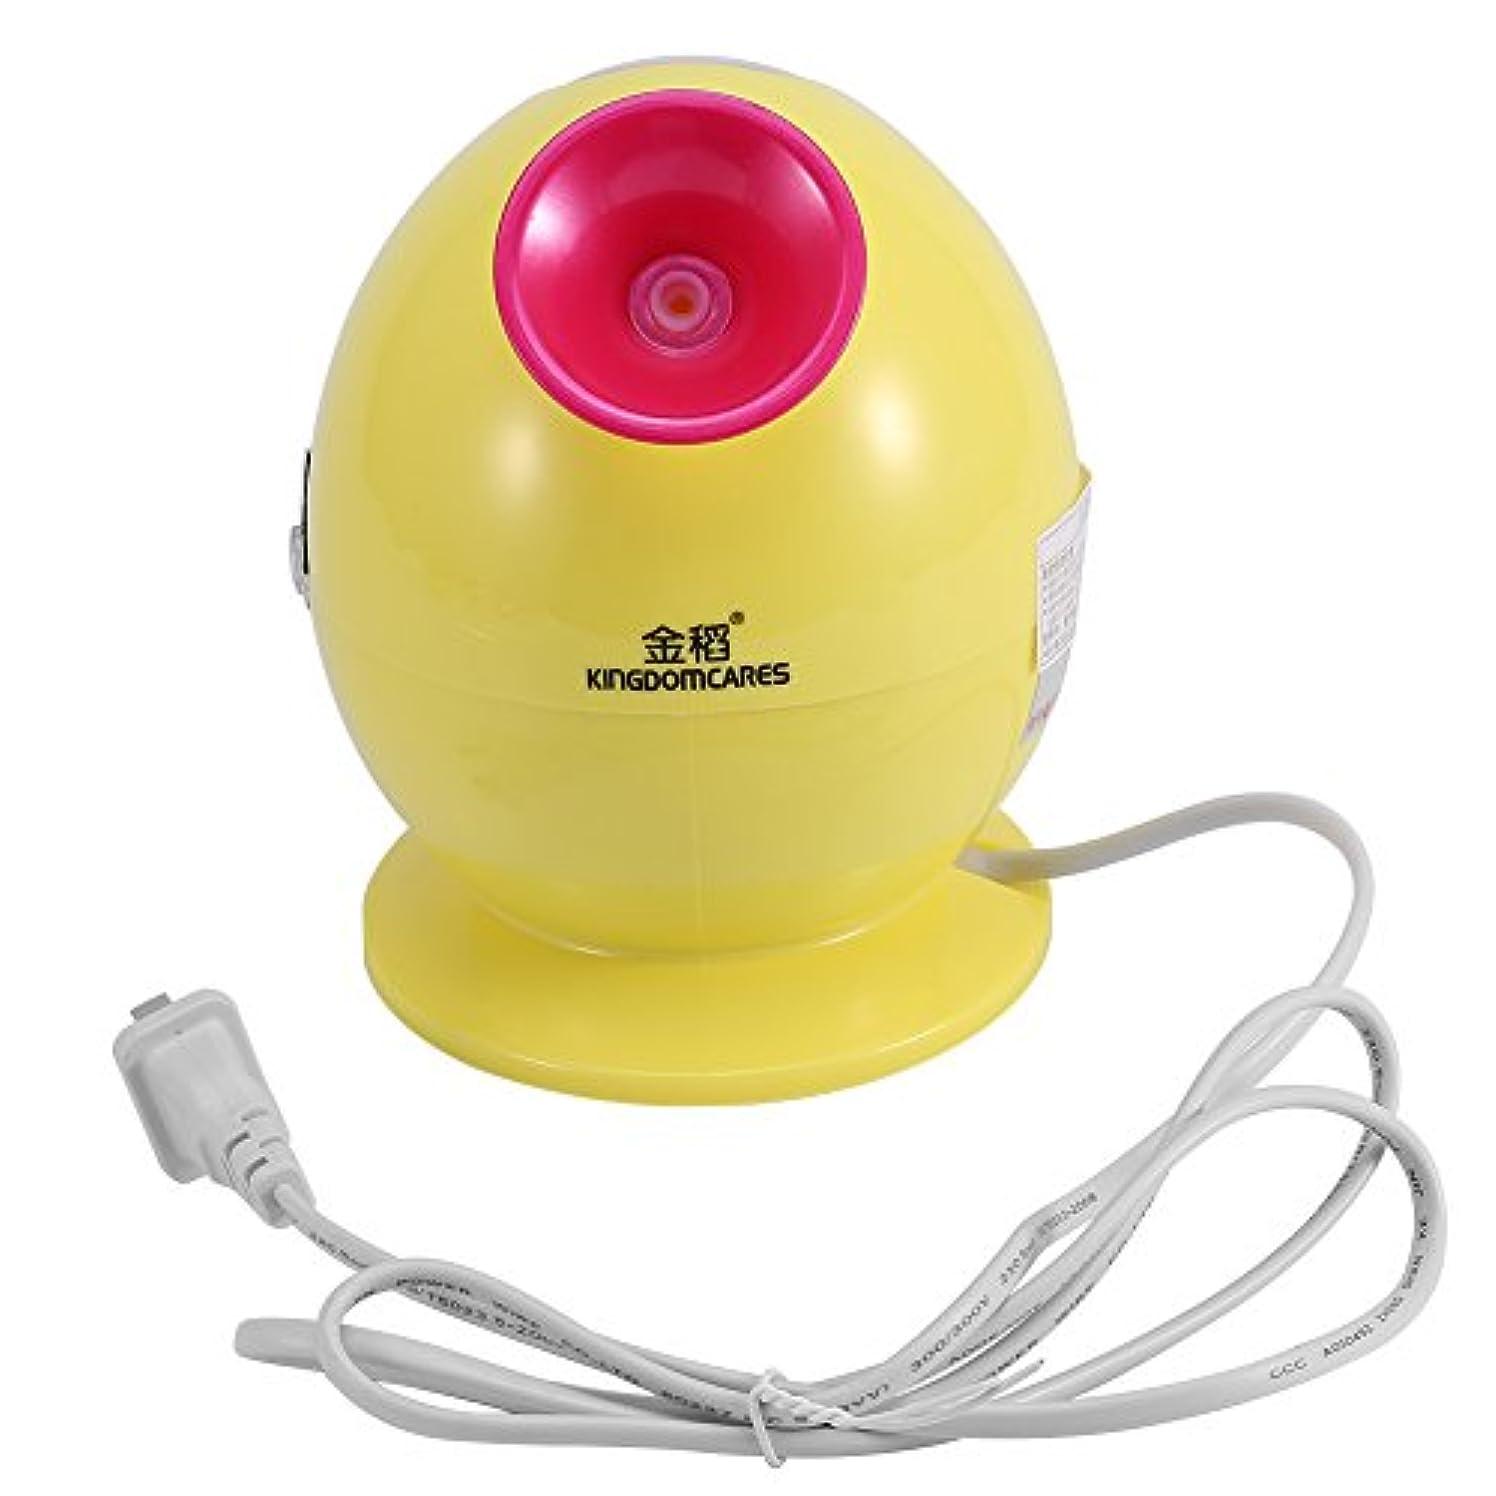 審判提供されたオーバーフローナノイオンヒーター、ホットミスト加湿器ファミリーサウナSPAスキンケア(黄色)